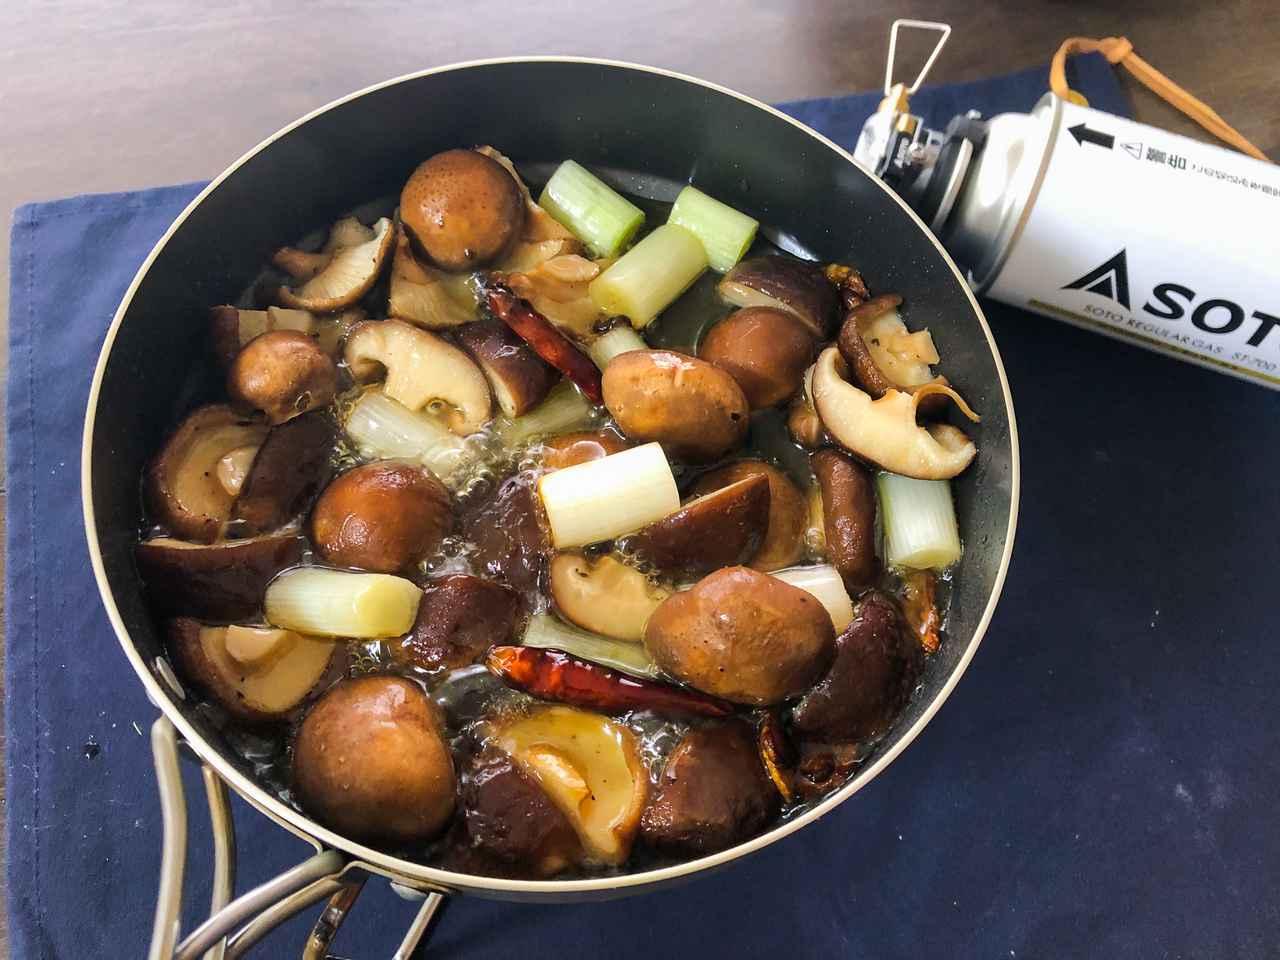 クッカー1つでめちゃ旨簡単レシピ!野菜を使ったソロキャンプ飯を3品ご紹介「椎茸のアヒージョ」「たけのこのバター炒め」「れんこん ブロッコリーの中華炒め」